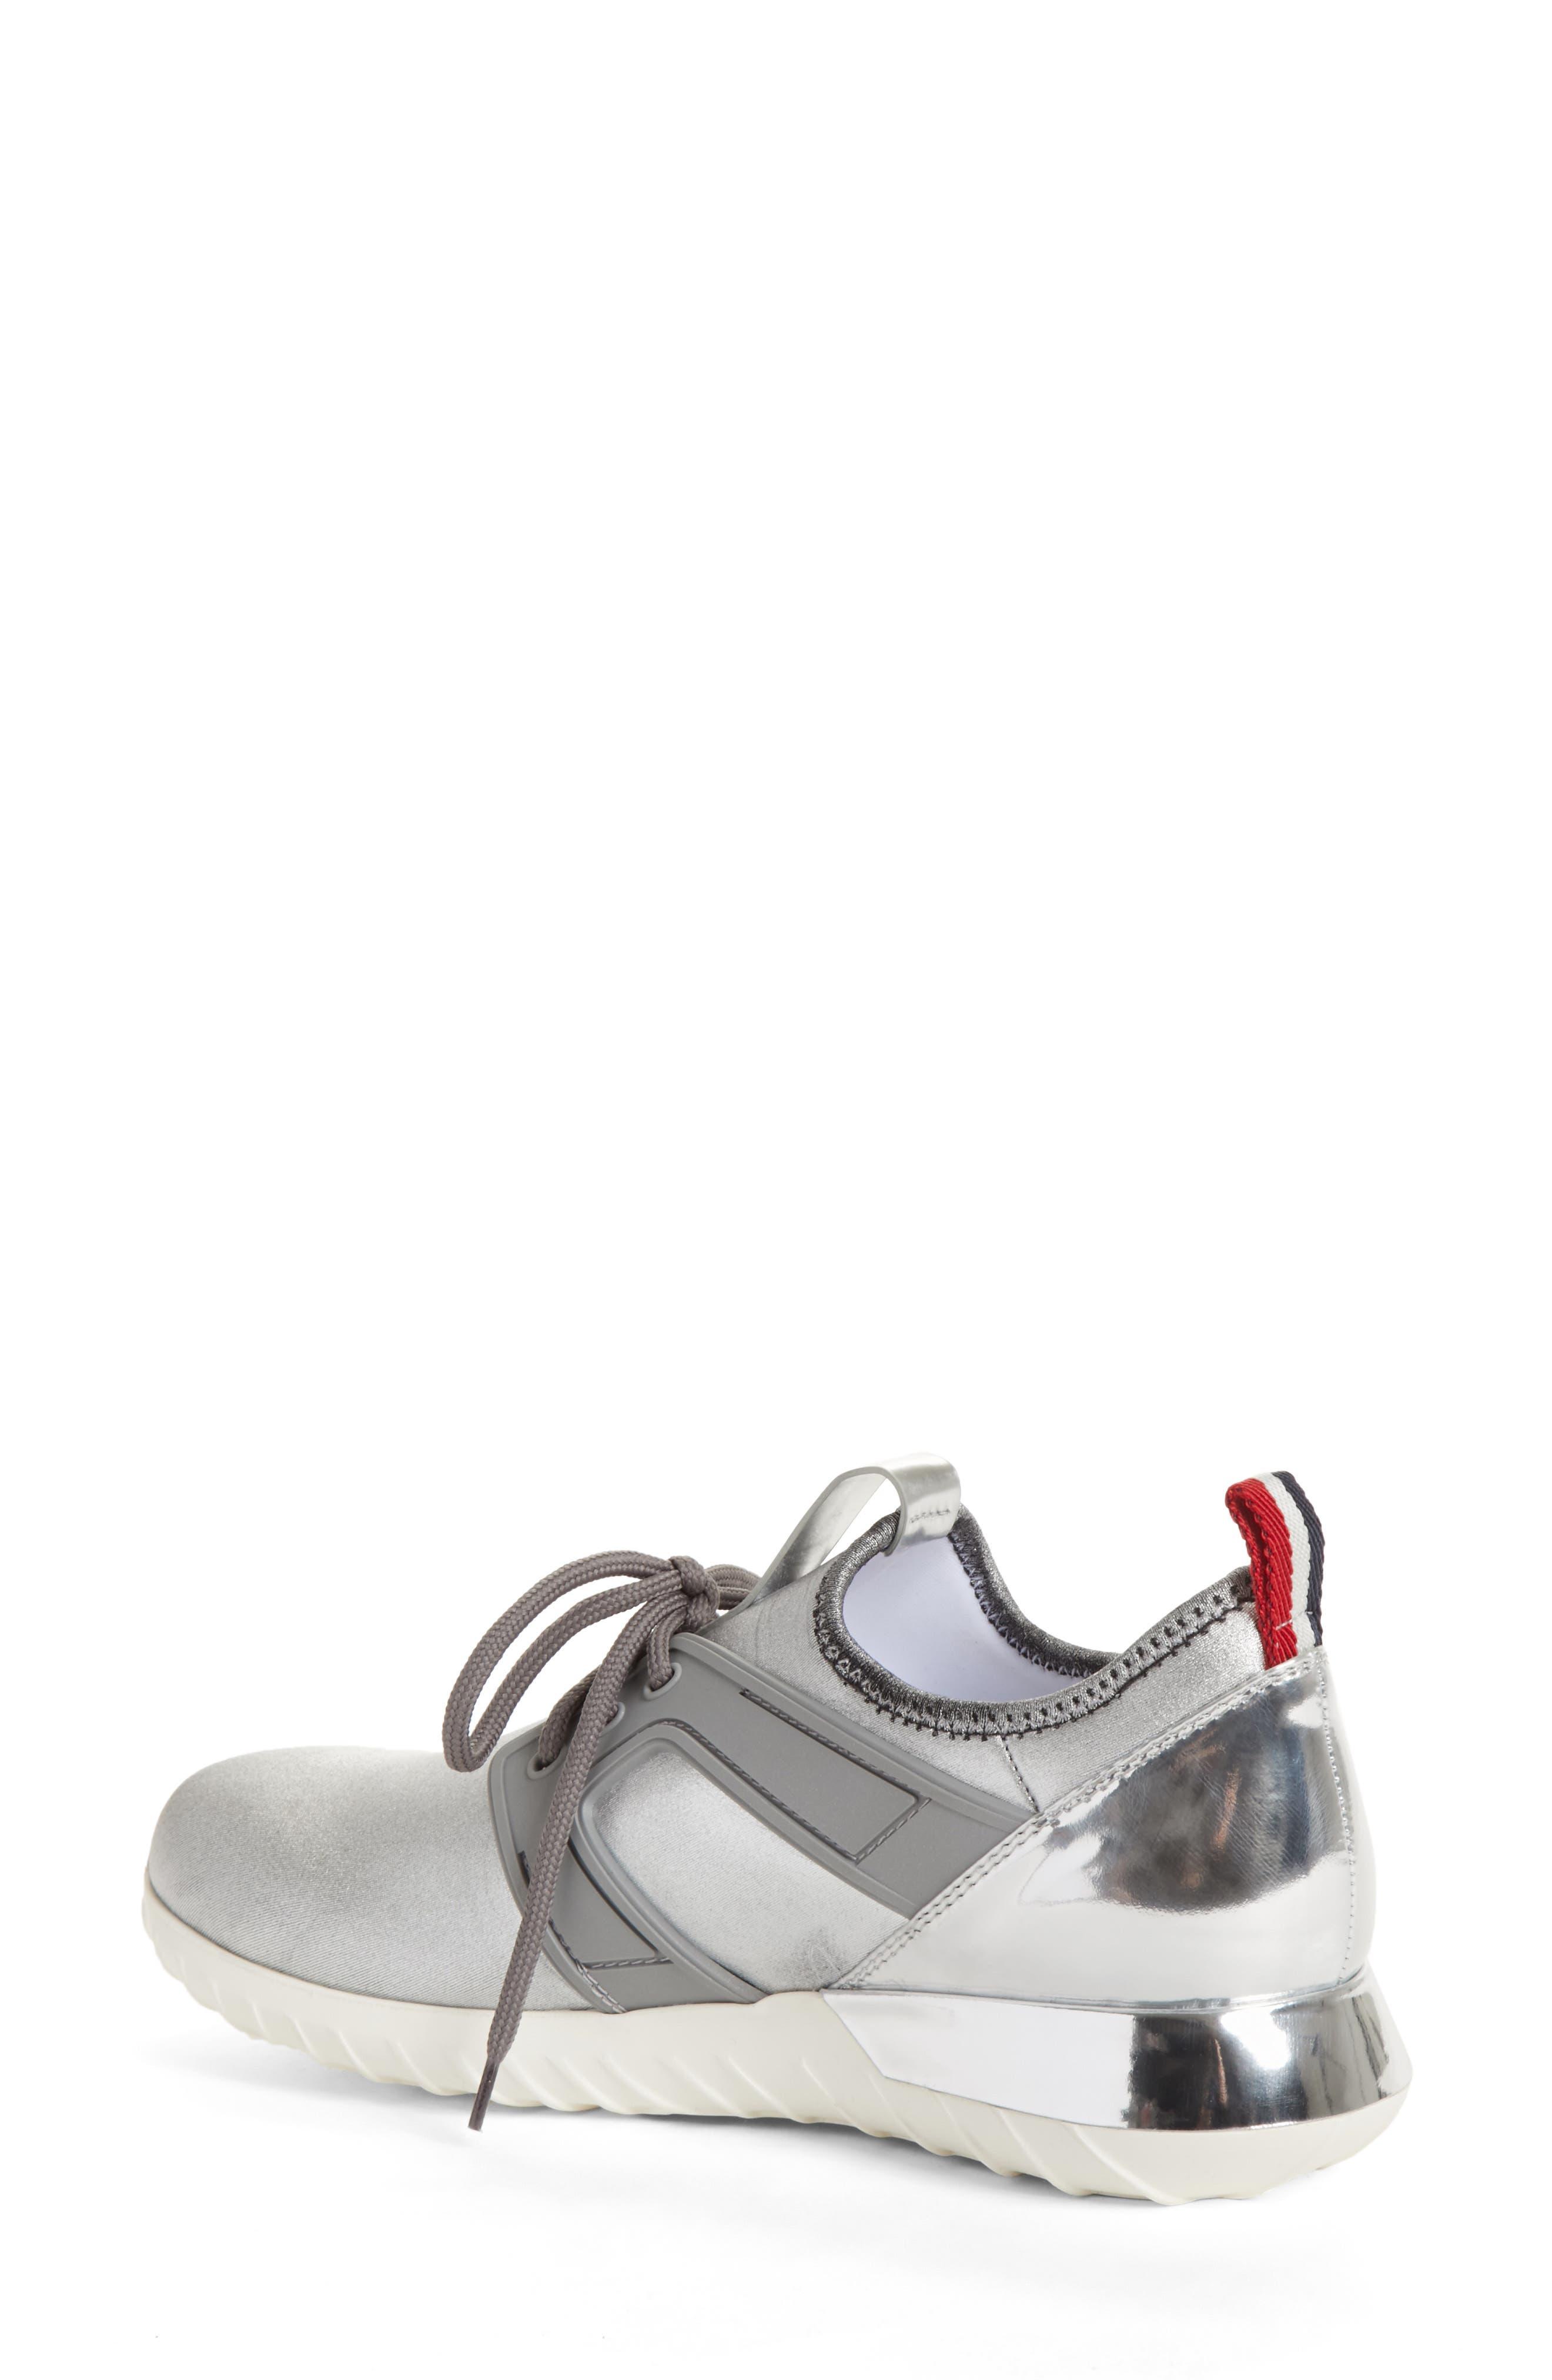 Meline Runner Sneaker,                             Alternate thumbnail 2, color,                             Silver